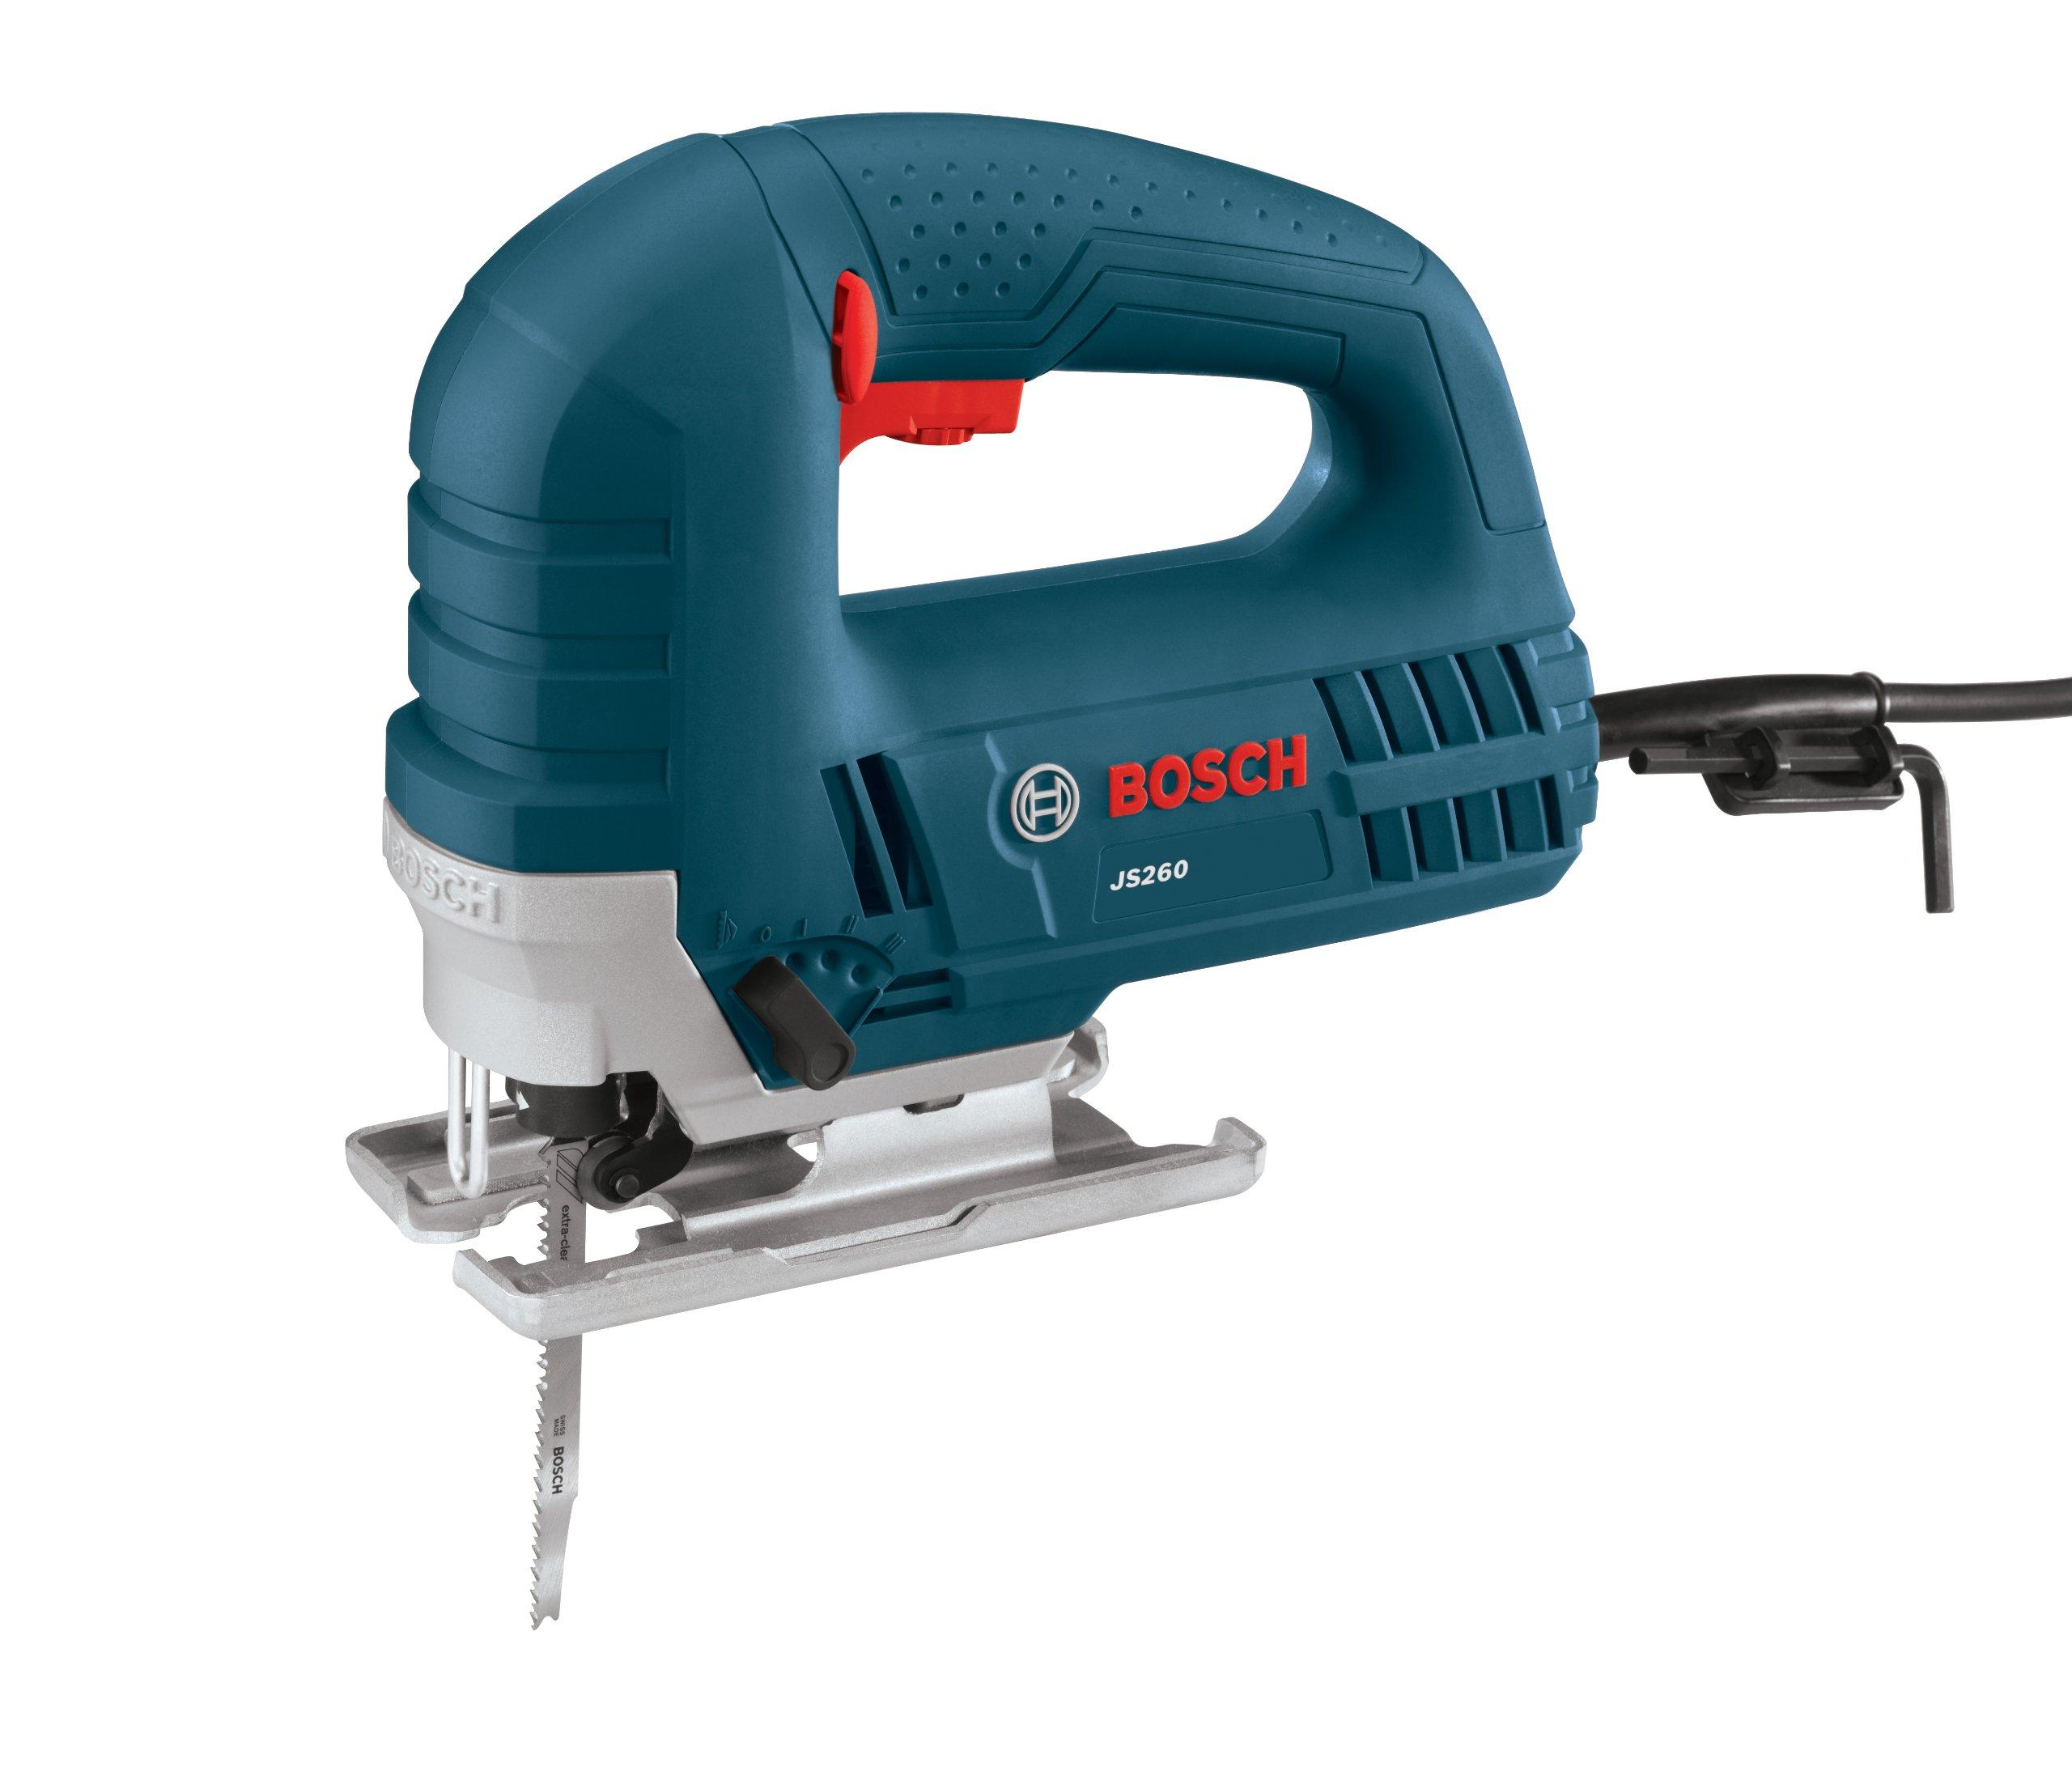 Bosch JS260 120-Volt Top-Handle Jigsaw